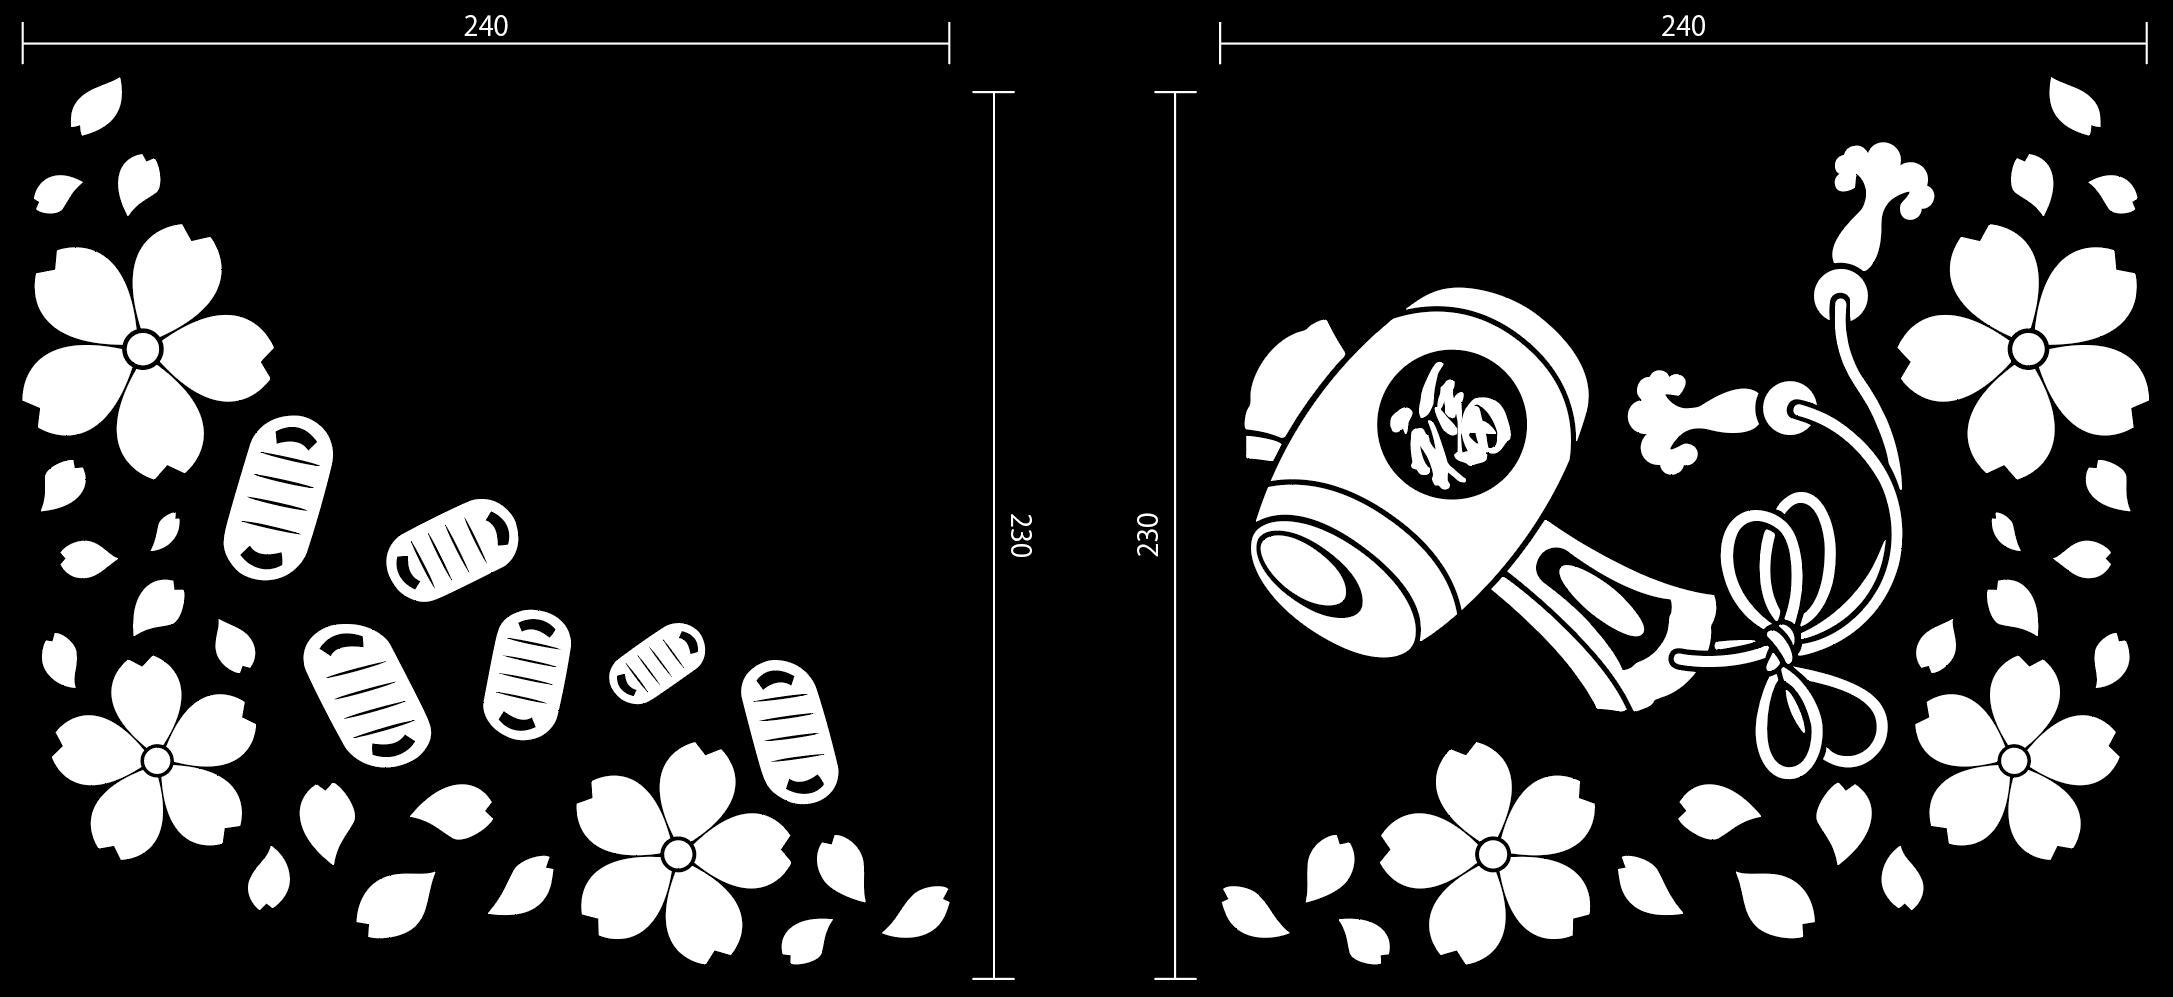 カー用品 注目ブランド デコトラ 切り文字 ステッカー 桜 超激安特価 白 送料無料 トラック 車 トラック用品 2種1セットステッカー おしゃれ カーステッカー 白タイプ 小槌 小判 車用品 透明シート シール